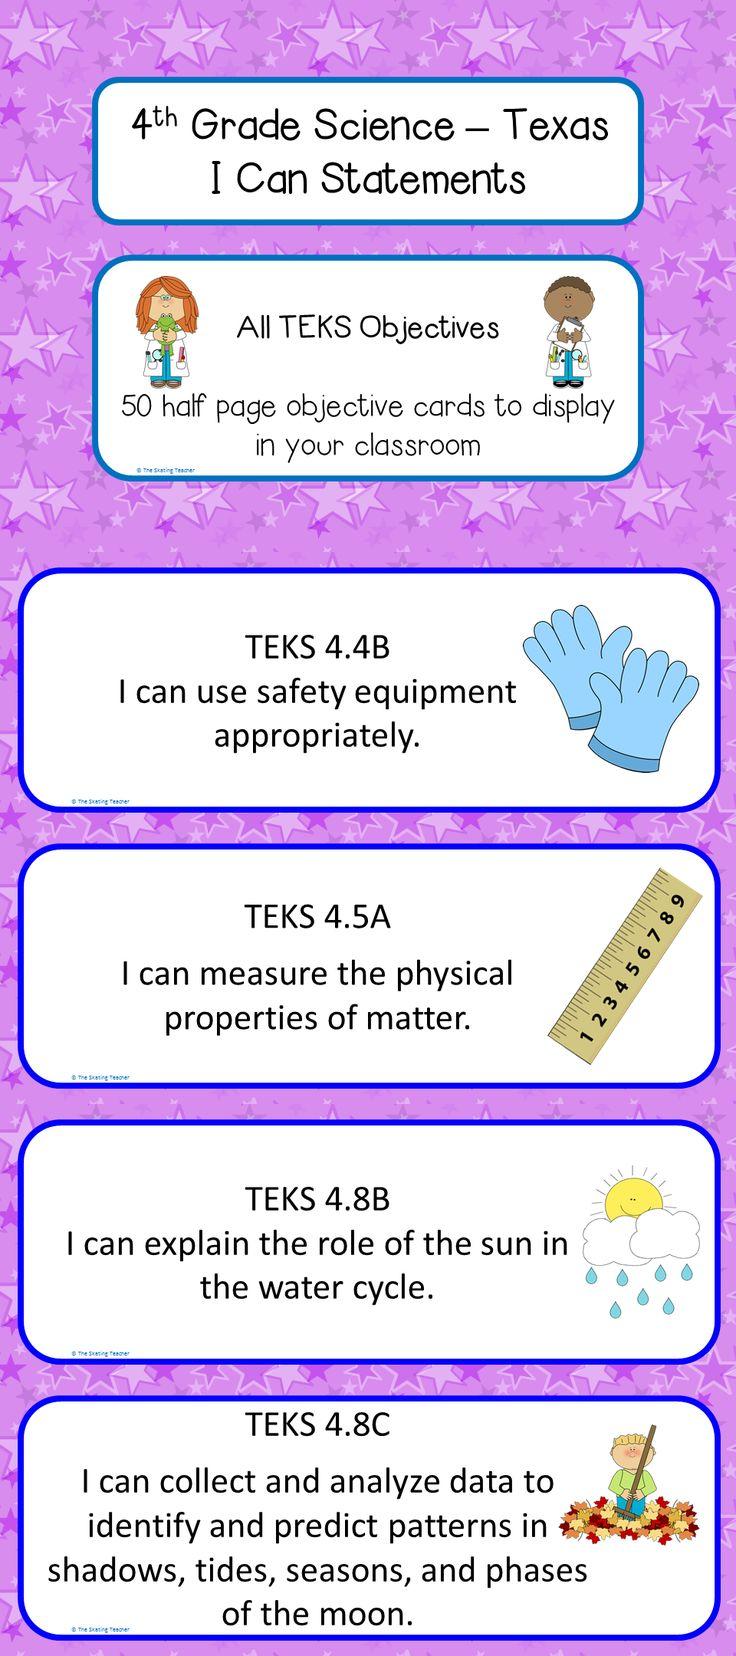 ixl.com 4th grade science